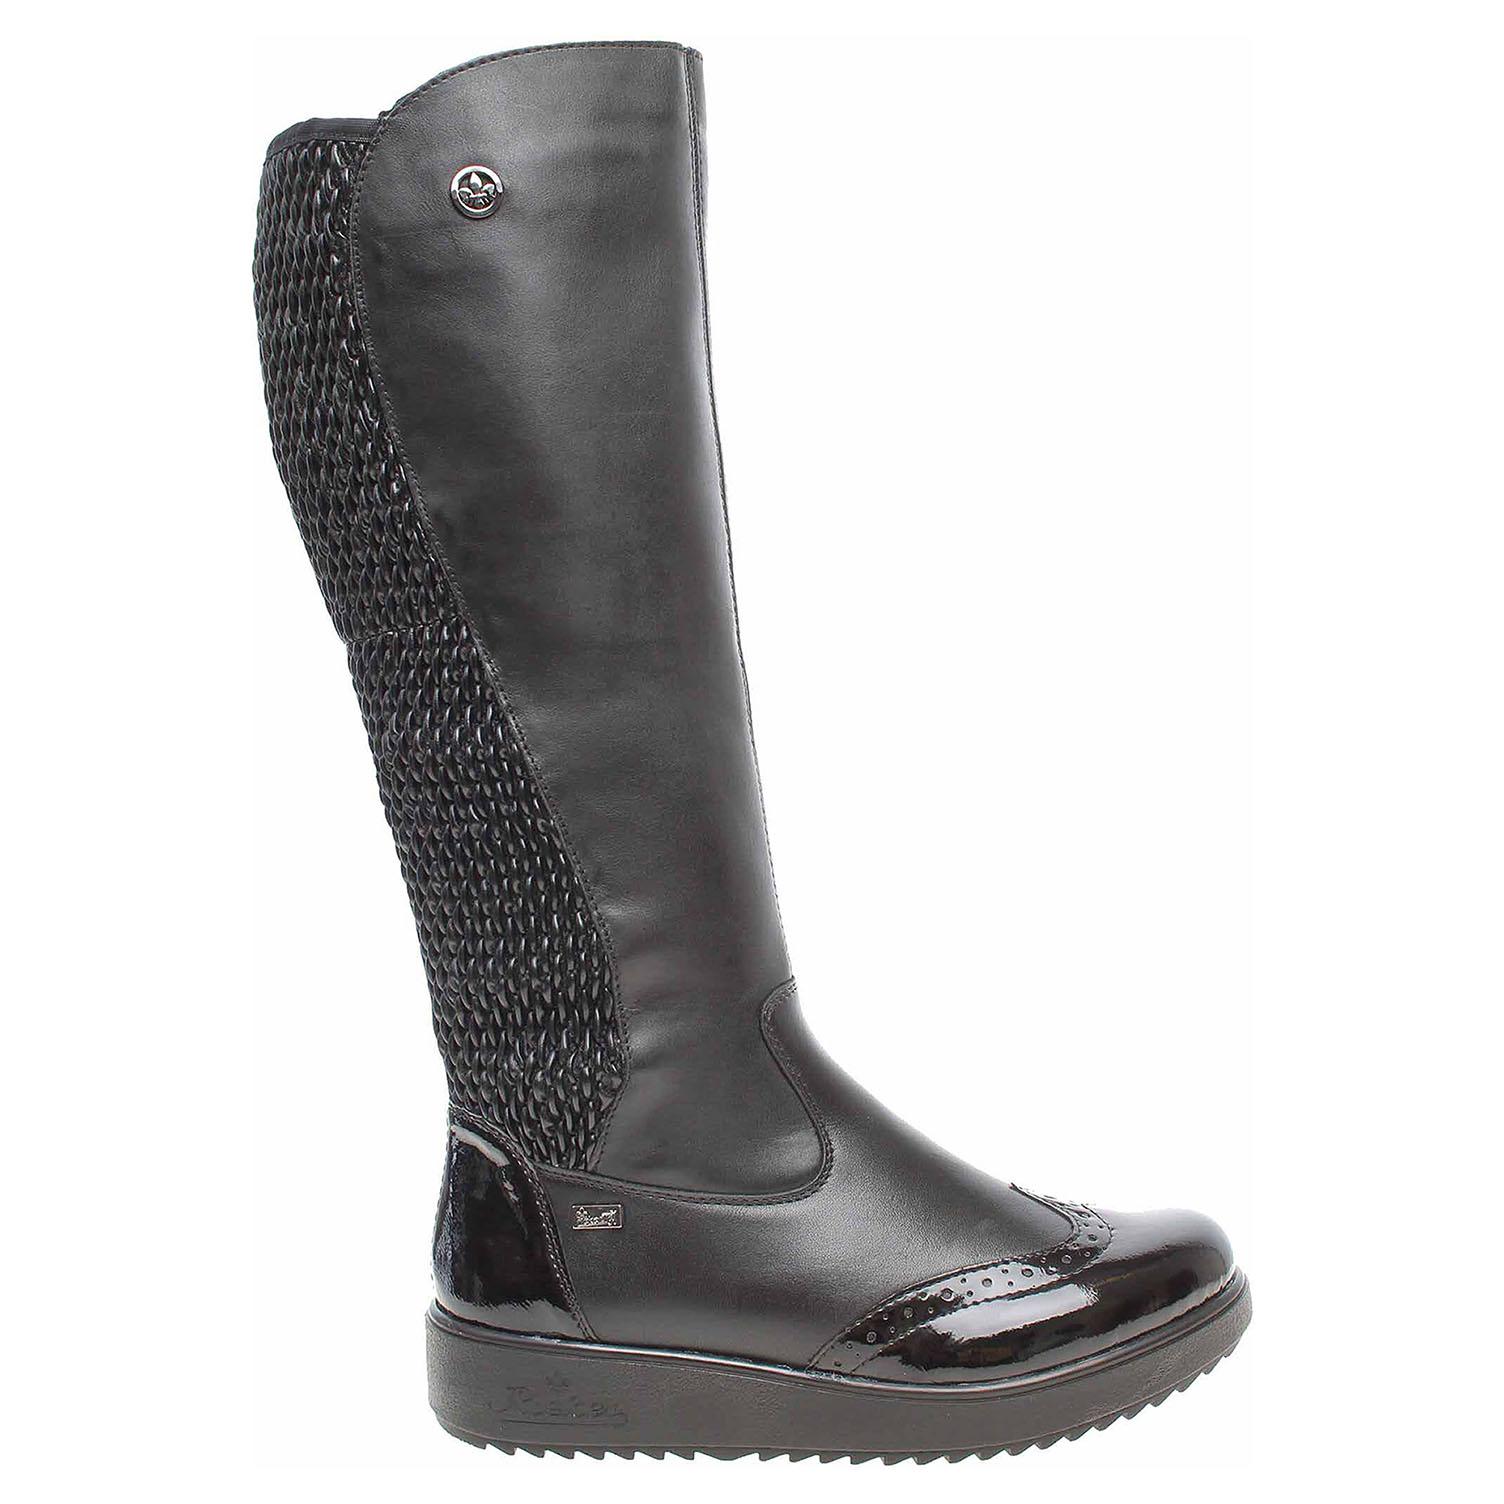 Ecco Rieker dámské kozačky Y5193-00 černé 22500817